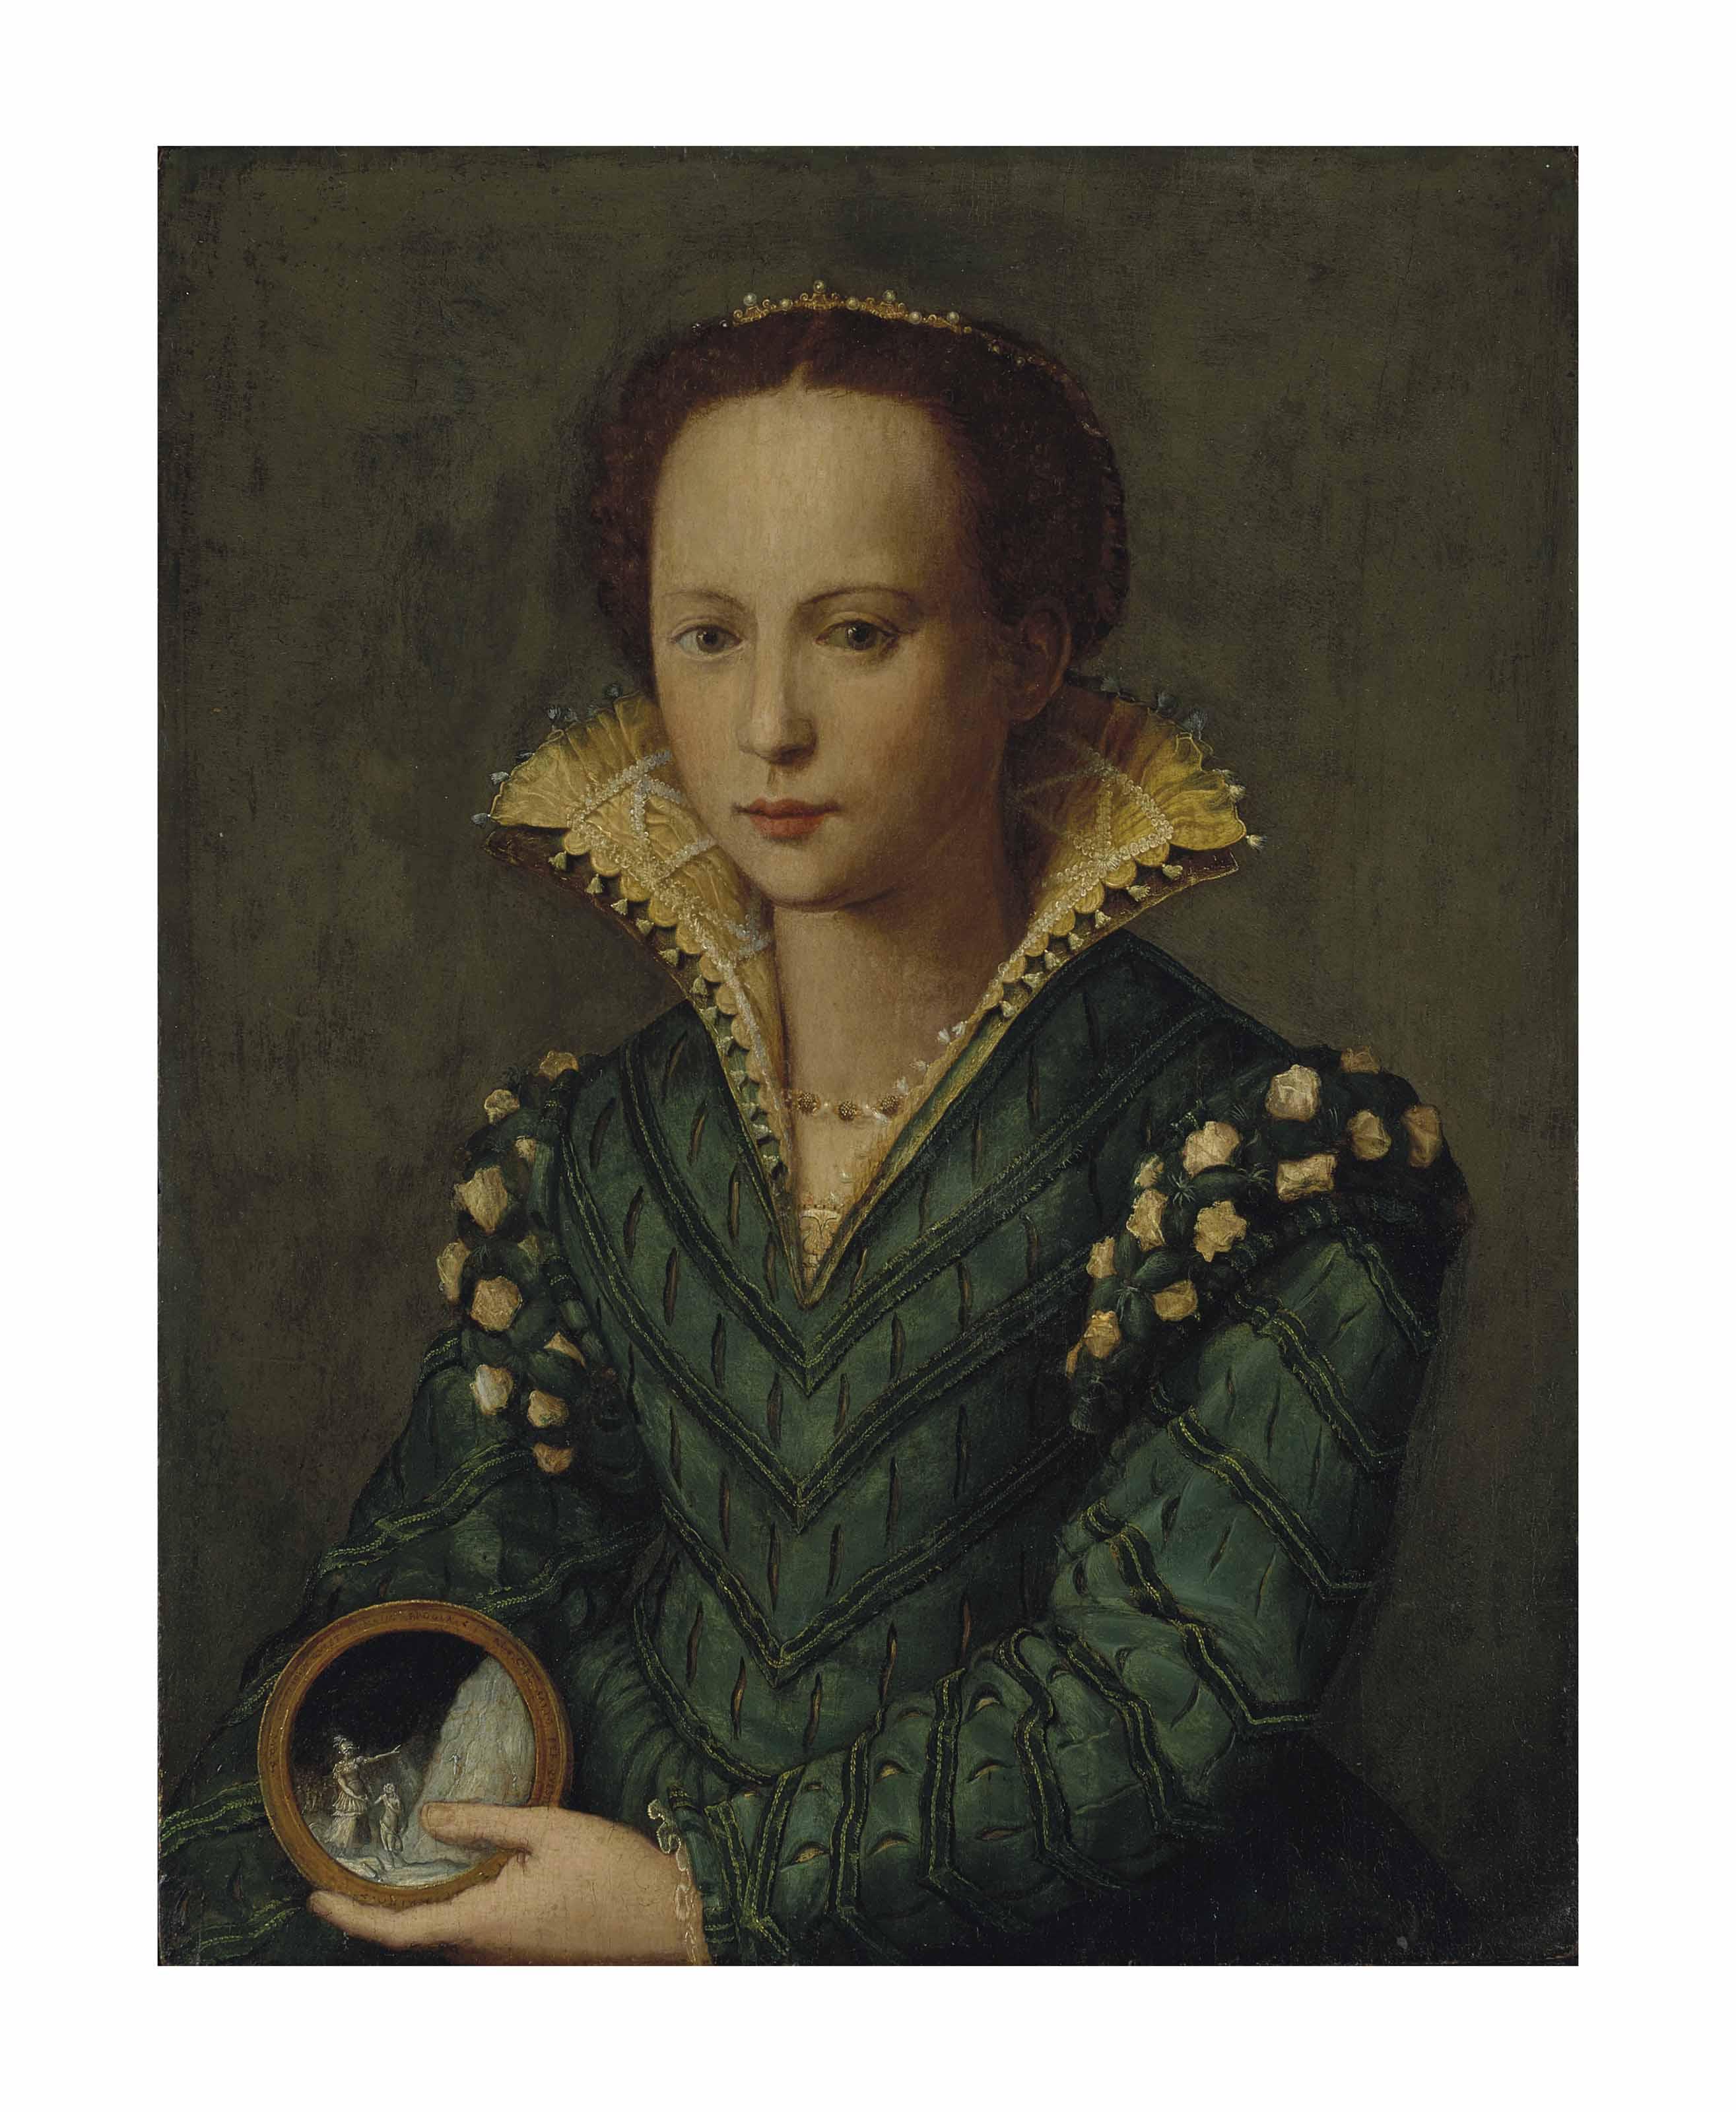 Portrait de femme, dit autrefois de Catherine de Médicis